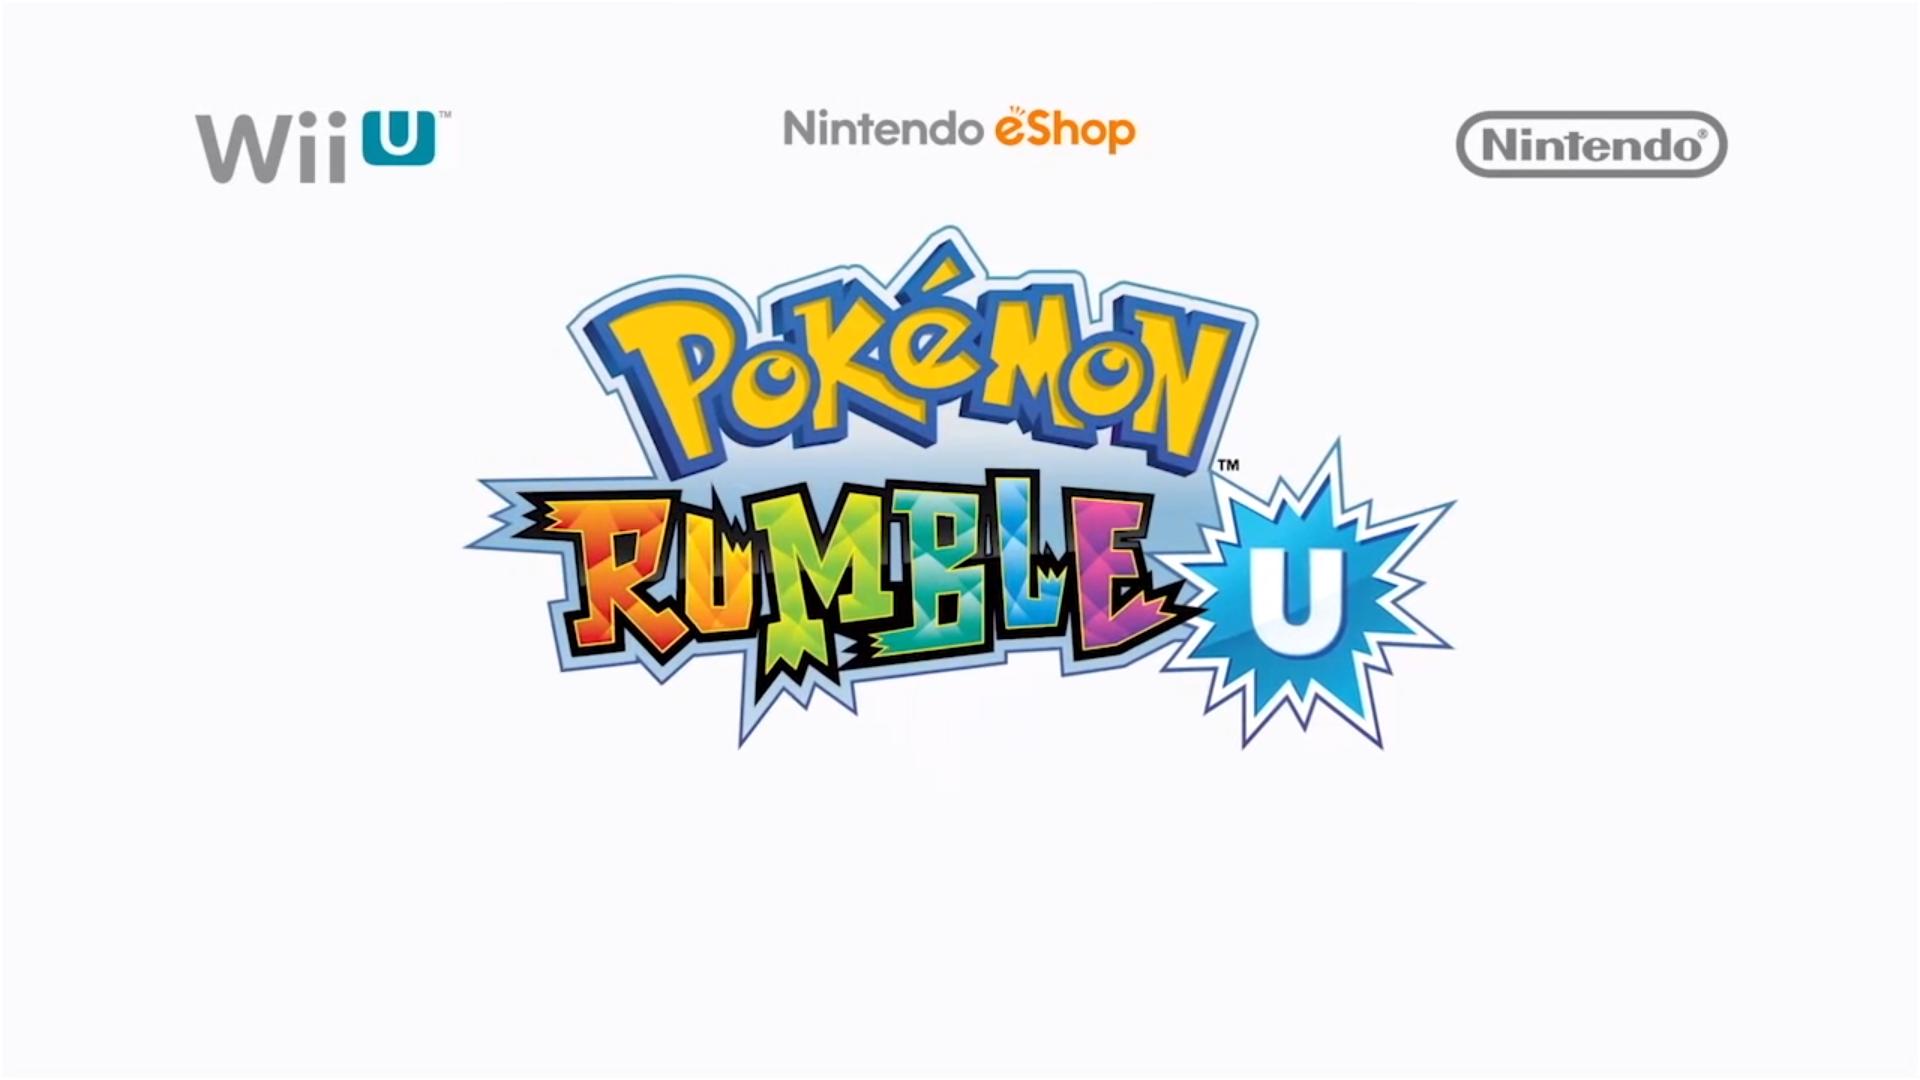 Pokémon Rumble U Arrives On Wii U eShop August 29th